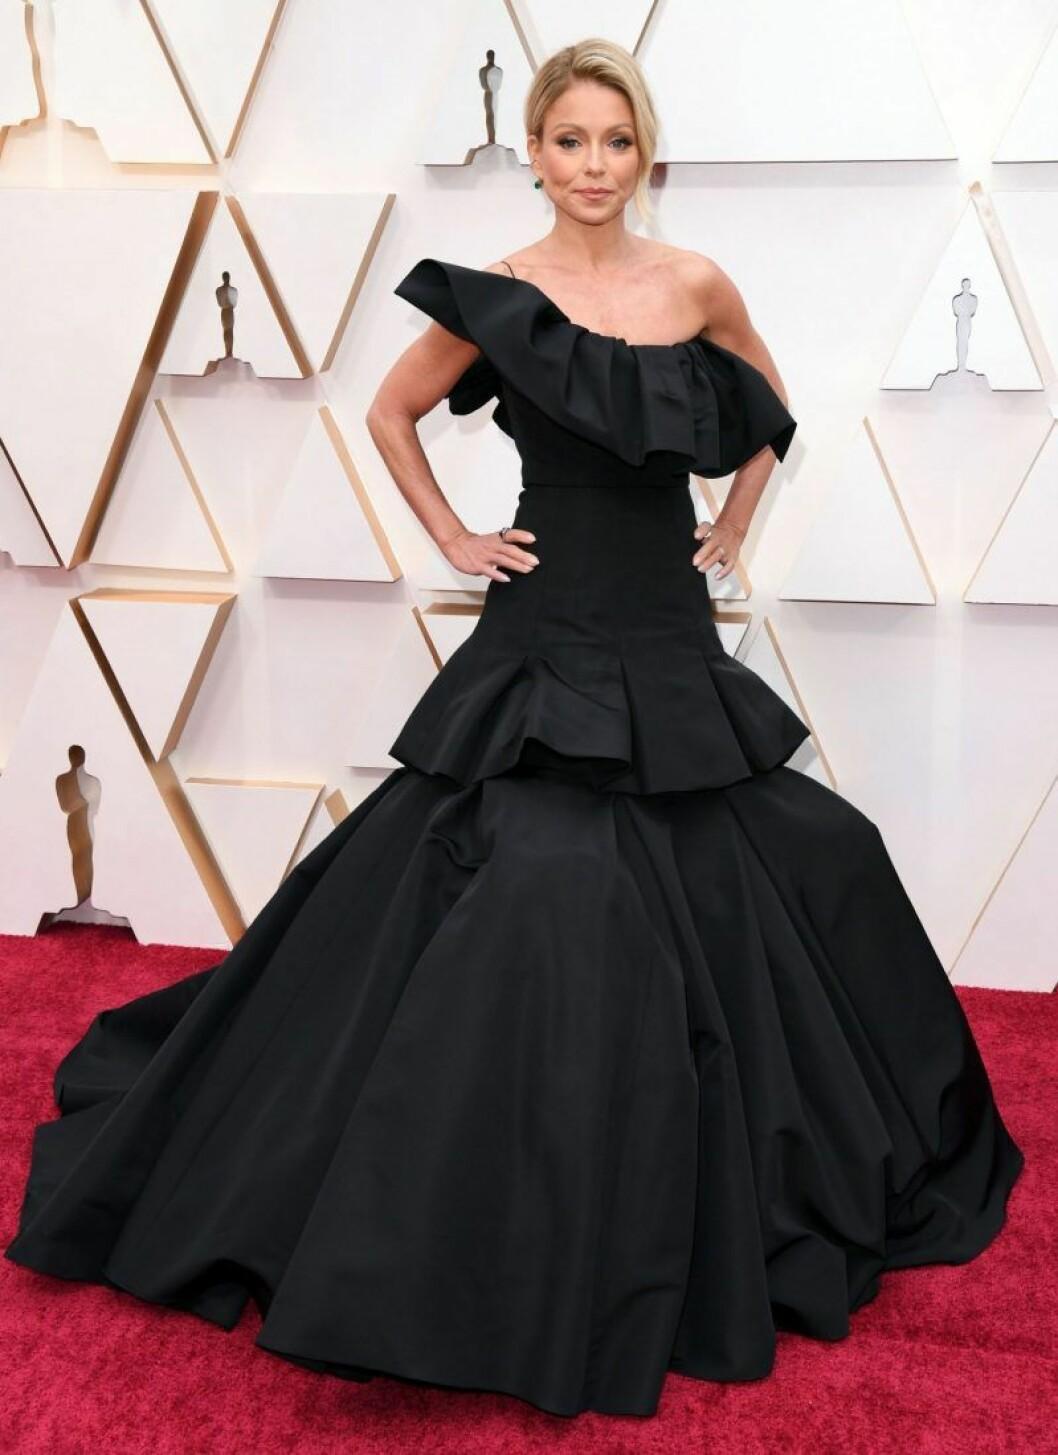 Kelly Ripa i svart klänning på röda mattan